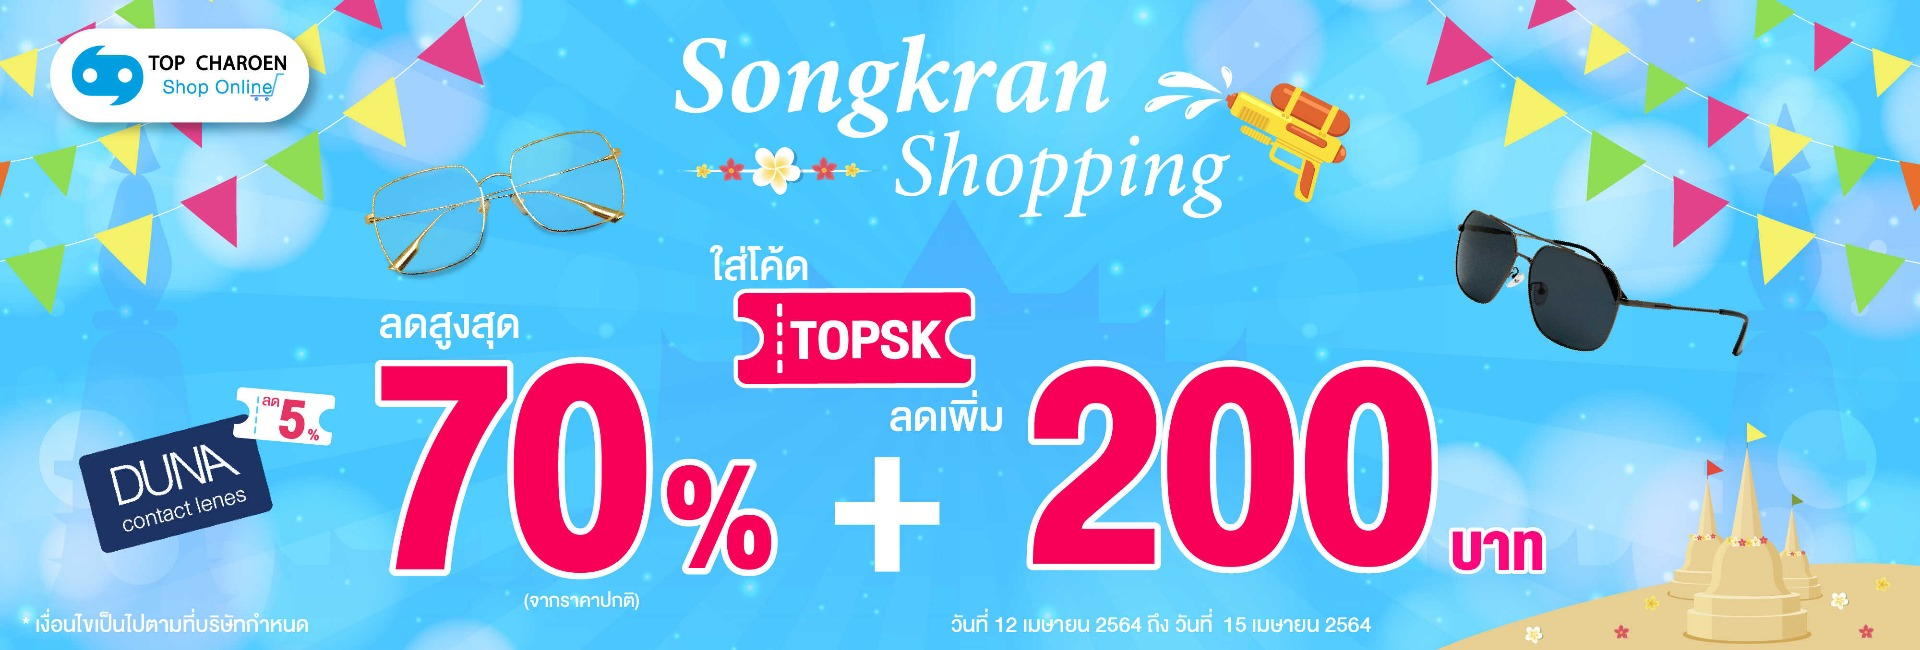 Songkran Shopping